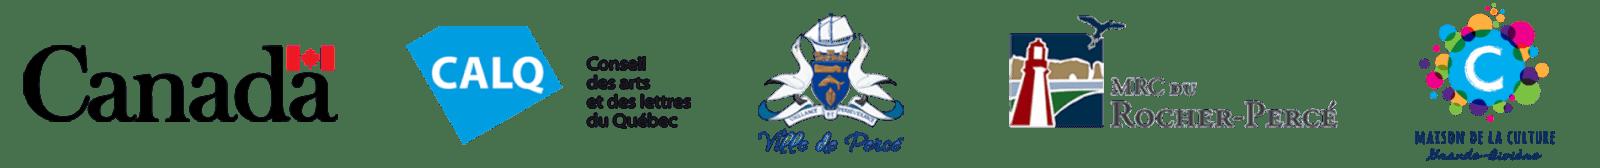 #offbis | Merci à nos partenaires | Patrimoine Canada, CALQ, Ville de Percé, MRC Rocher-Percé, Sainte-Thèrèse-de-Gaspé